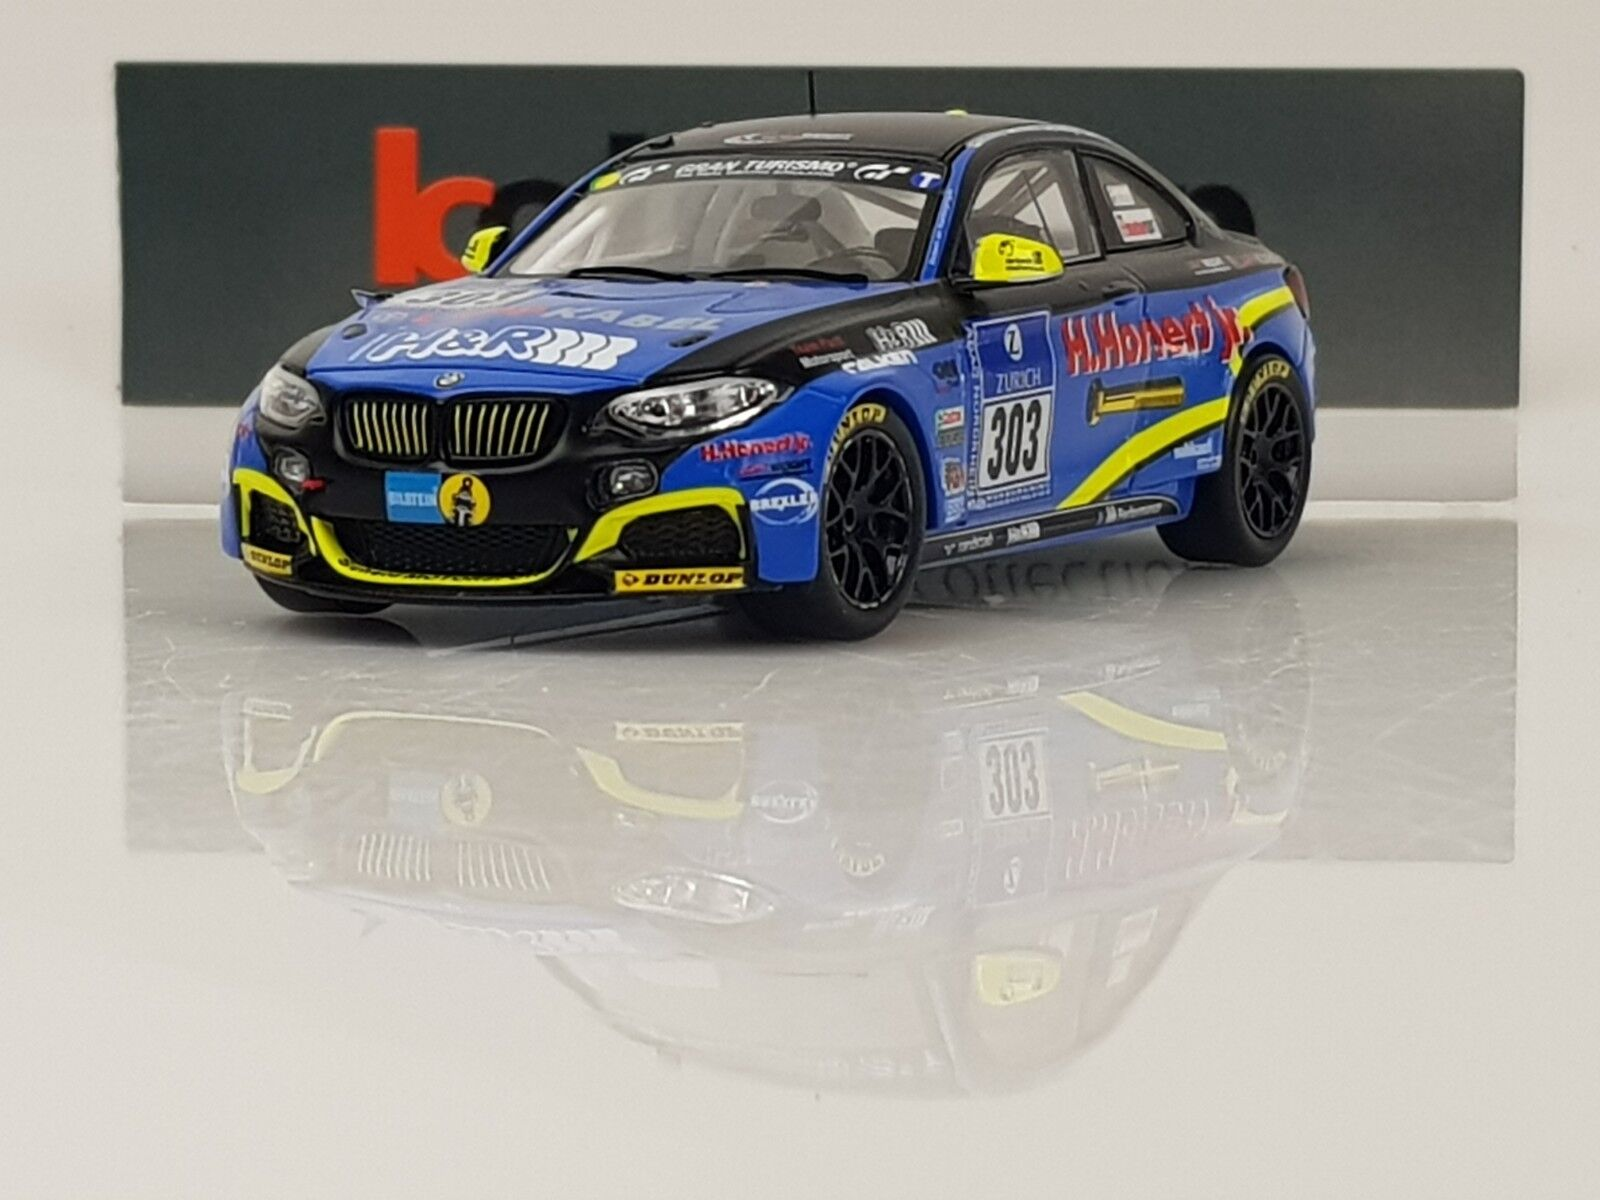 SPARK MAB029 BMW M235i Eifelblitz n°303 24H Nurburgring 2015 1.43 NB